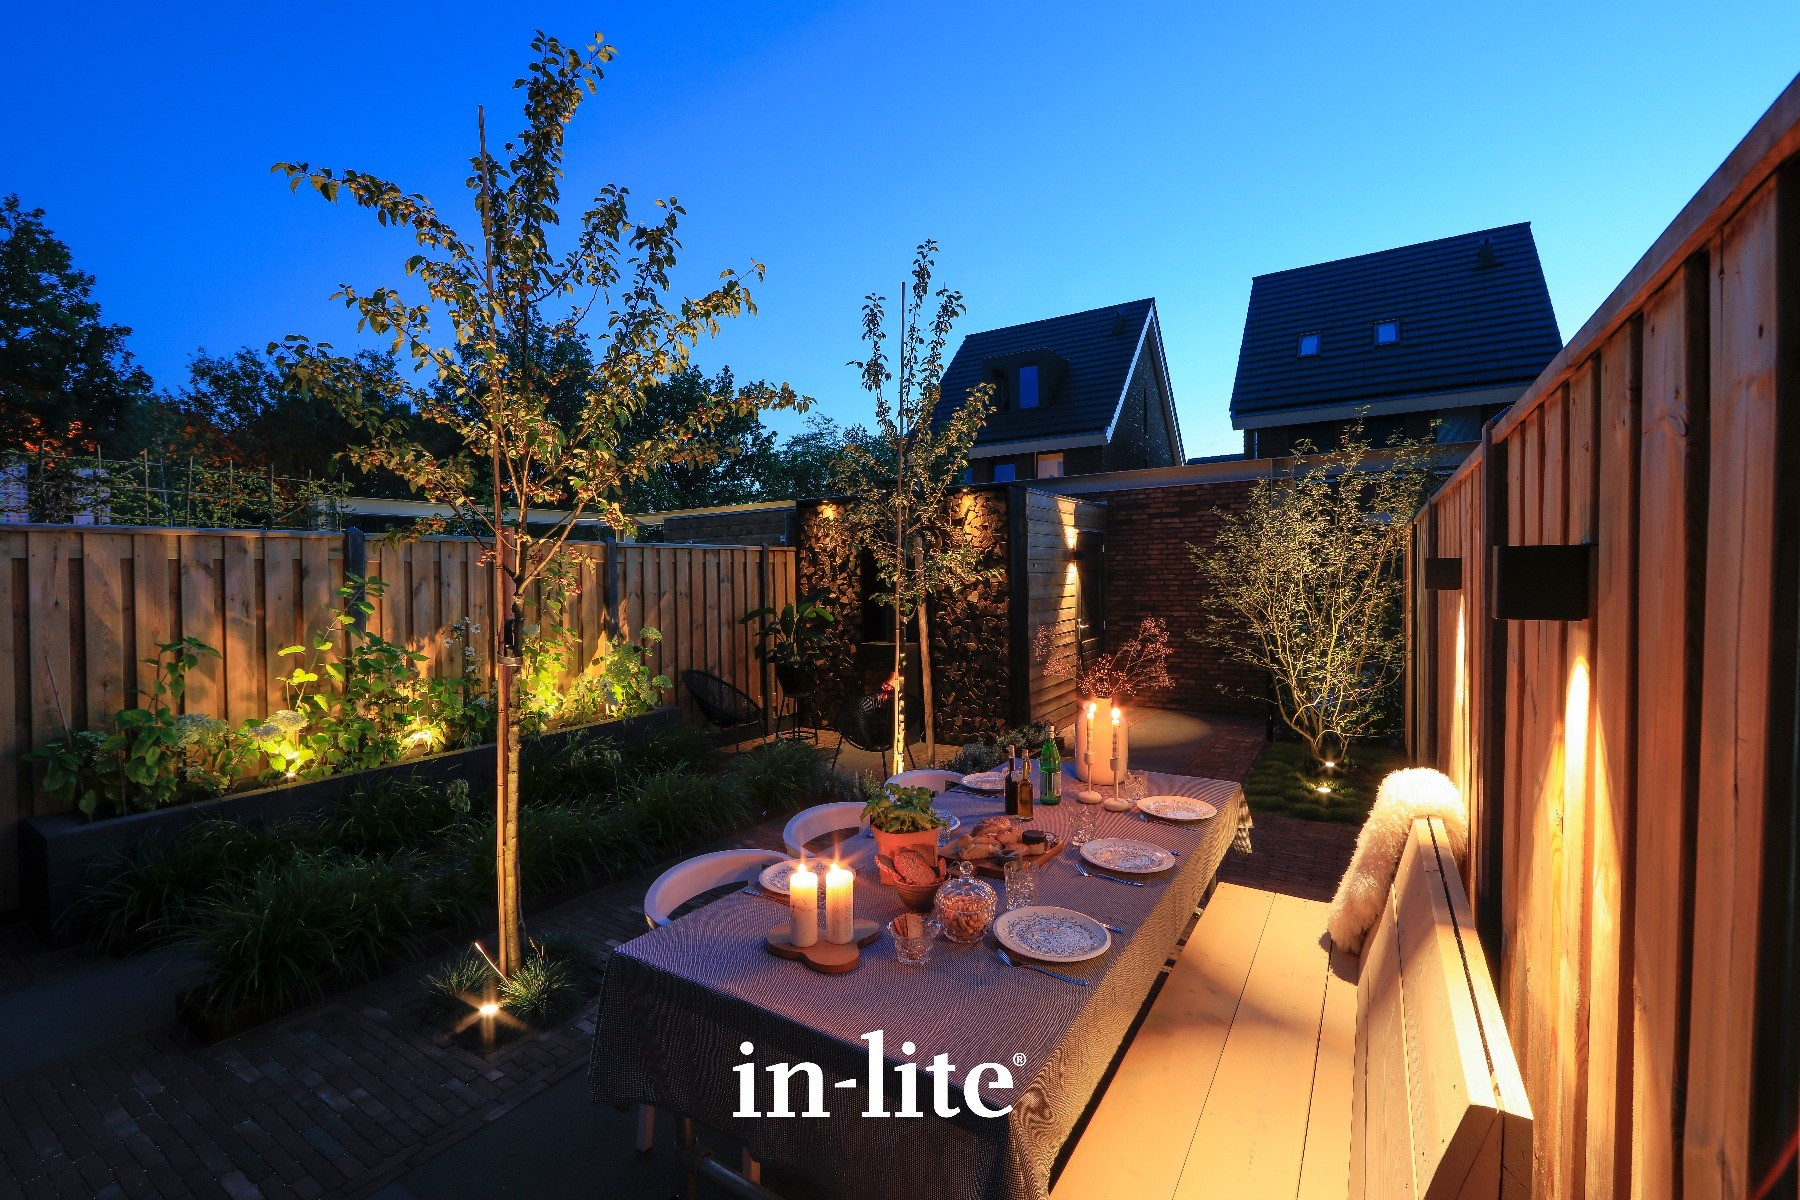 12 Volt Landscape Lighting